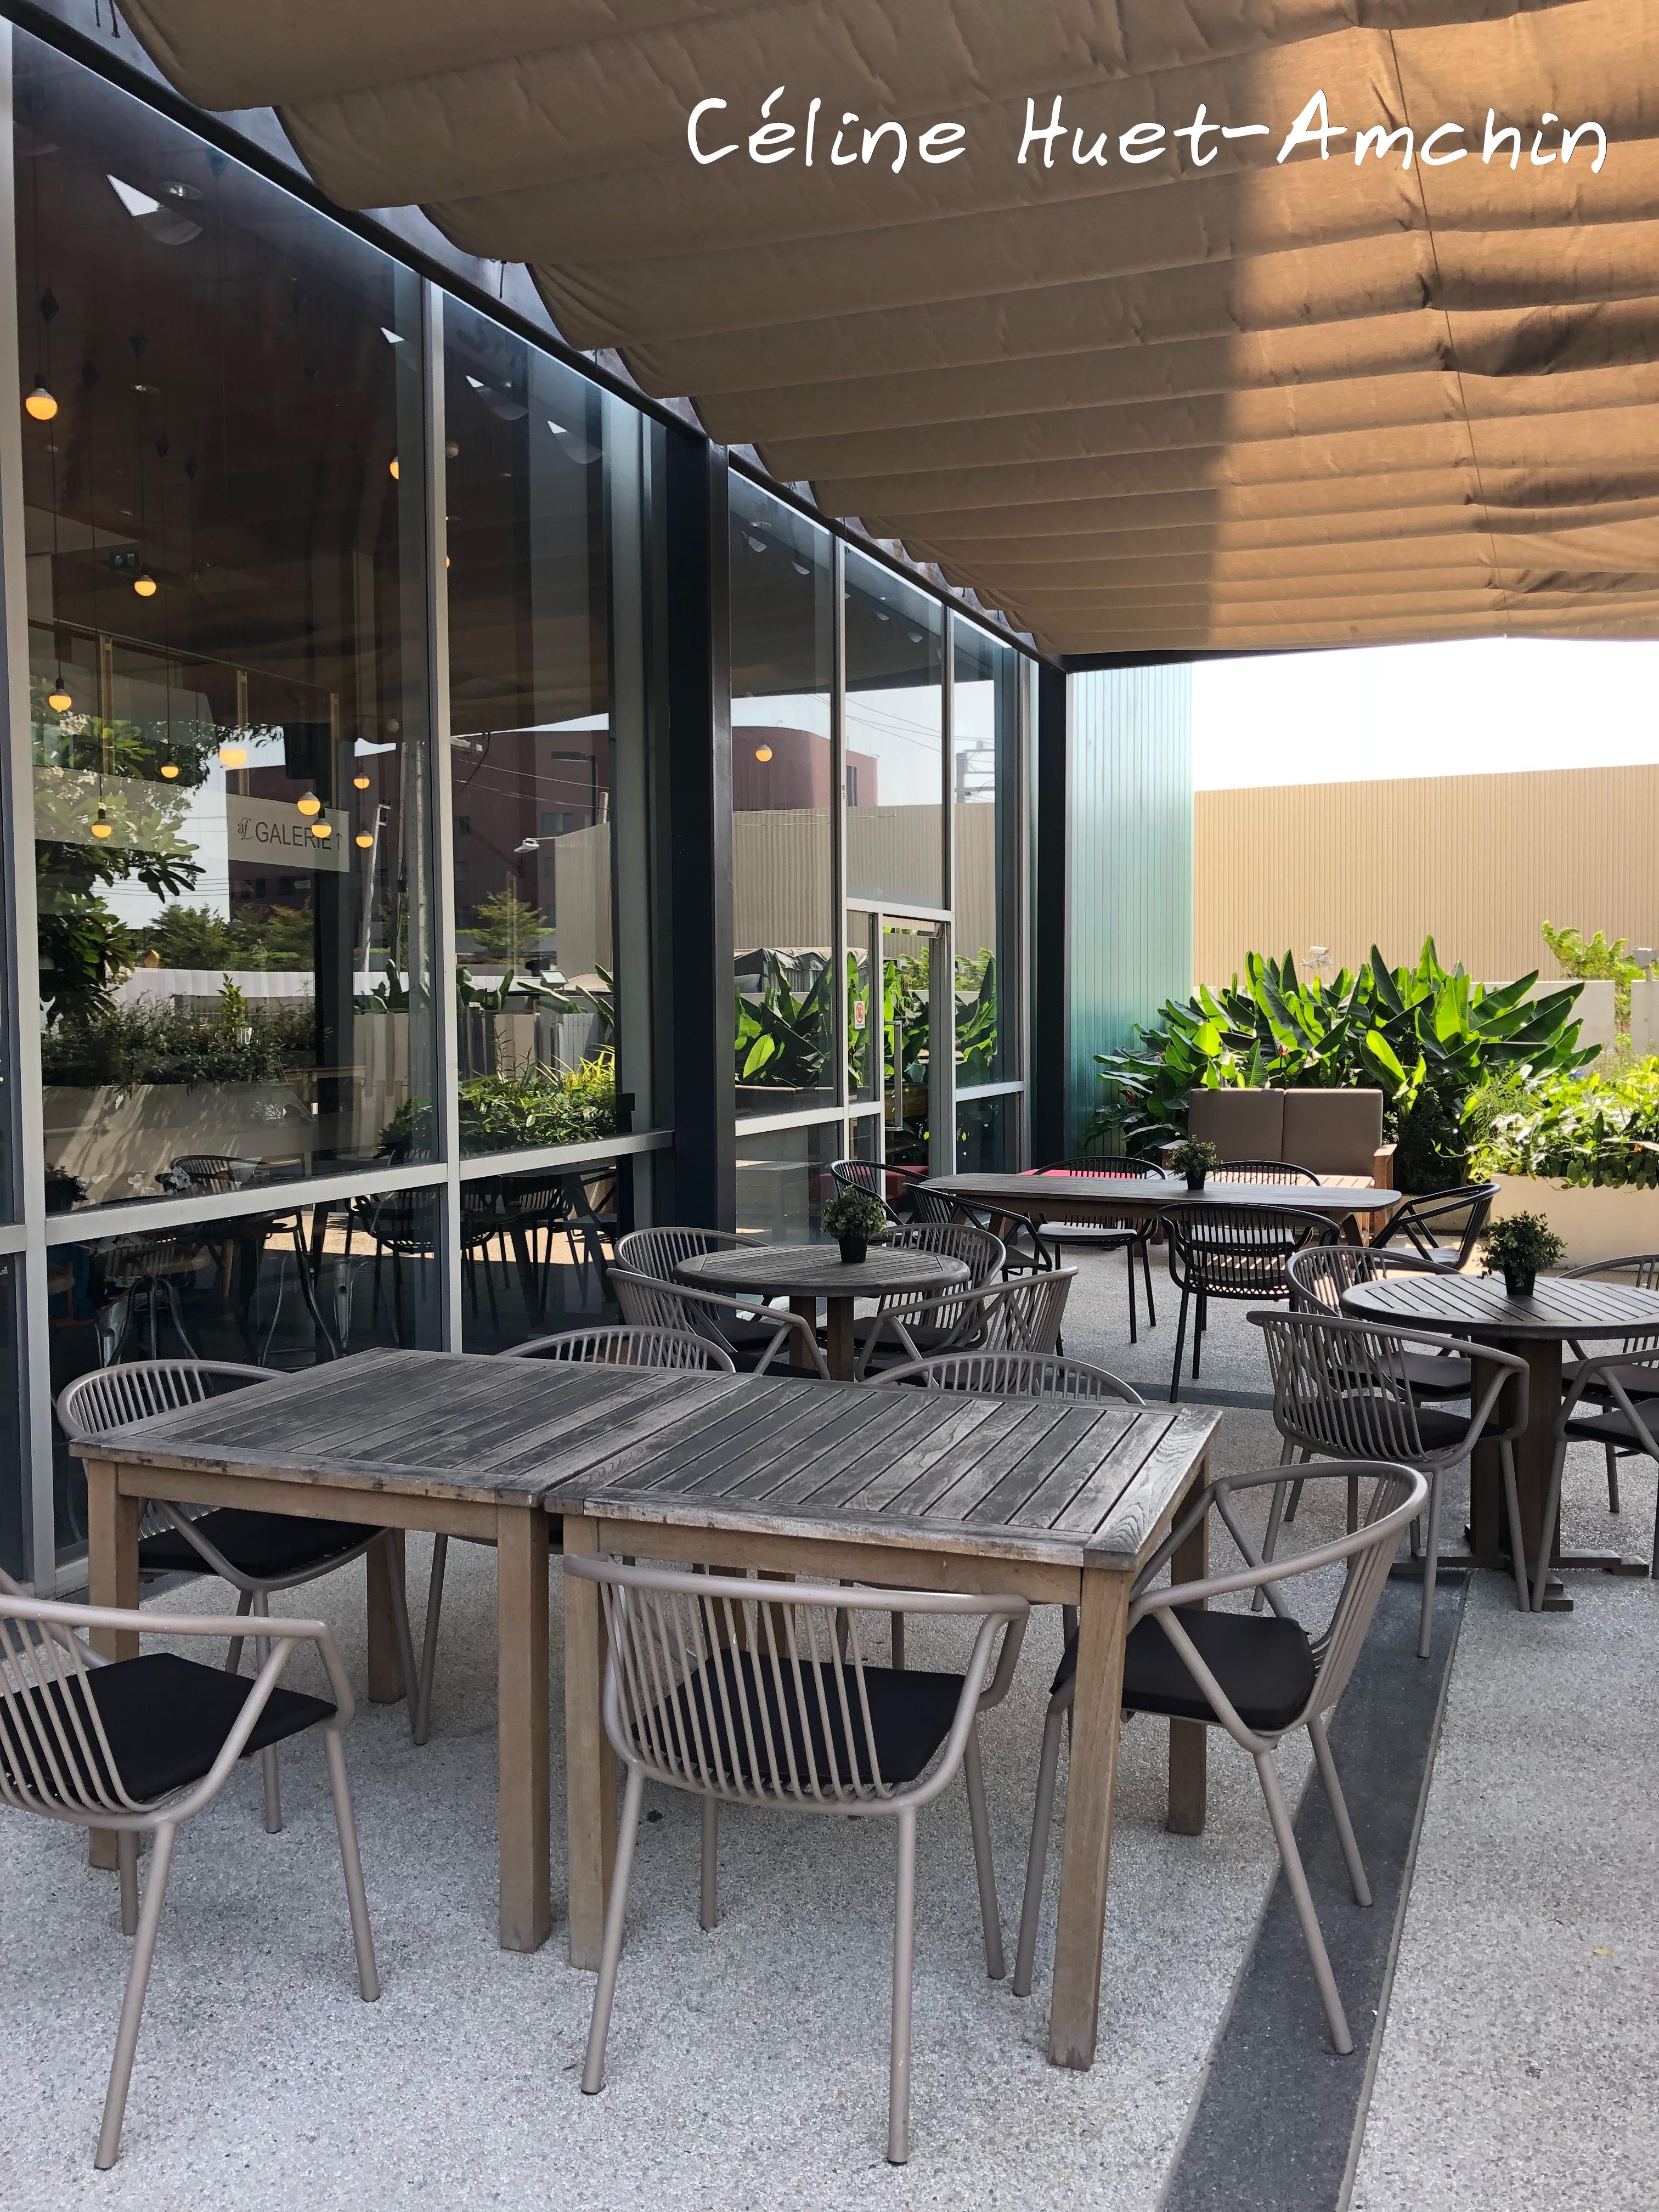 Café 1912 Alliance Française Bangkok Thaïlande Asie